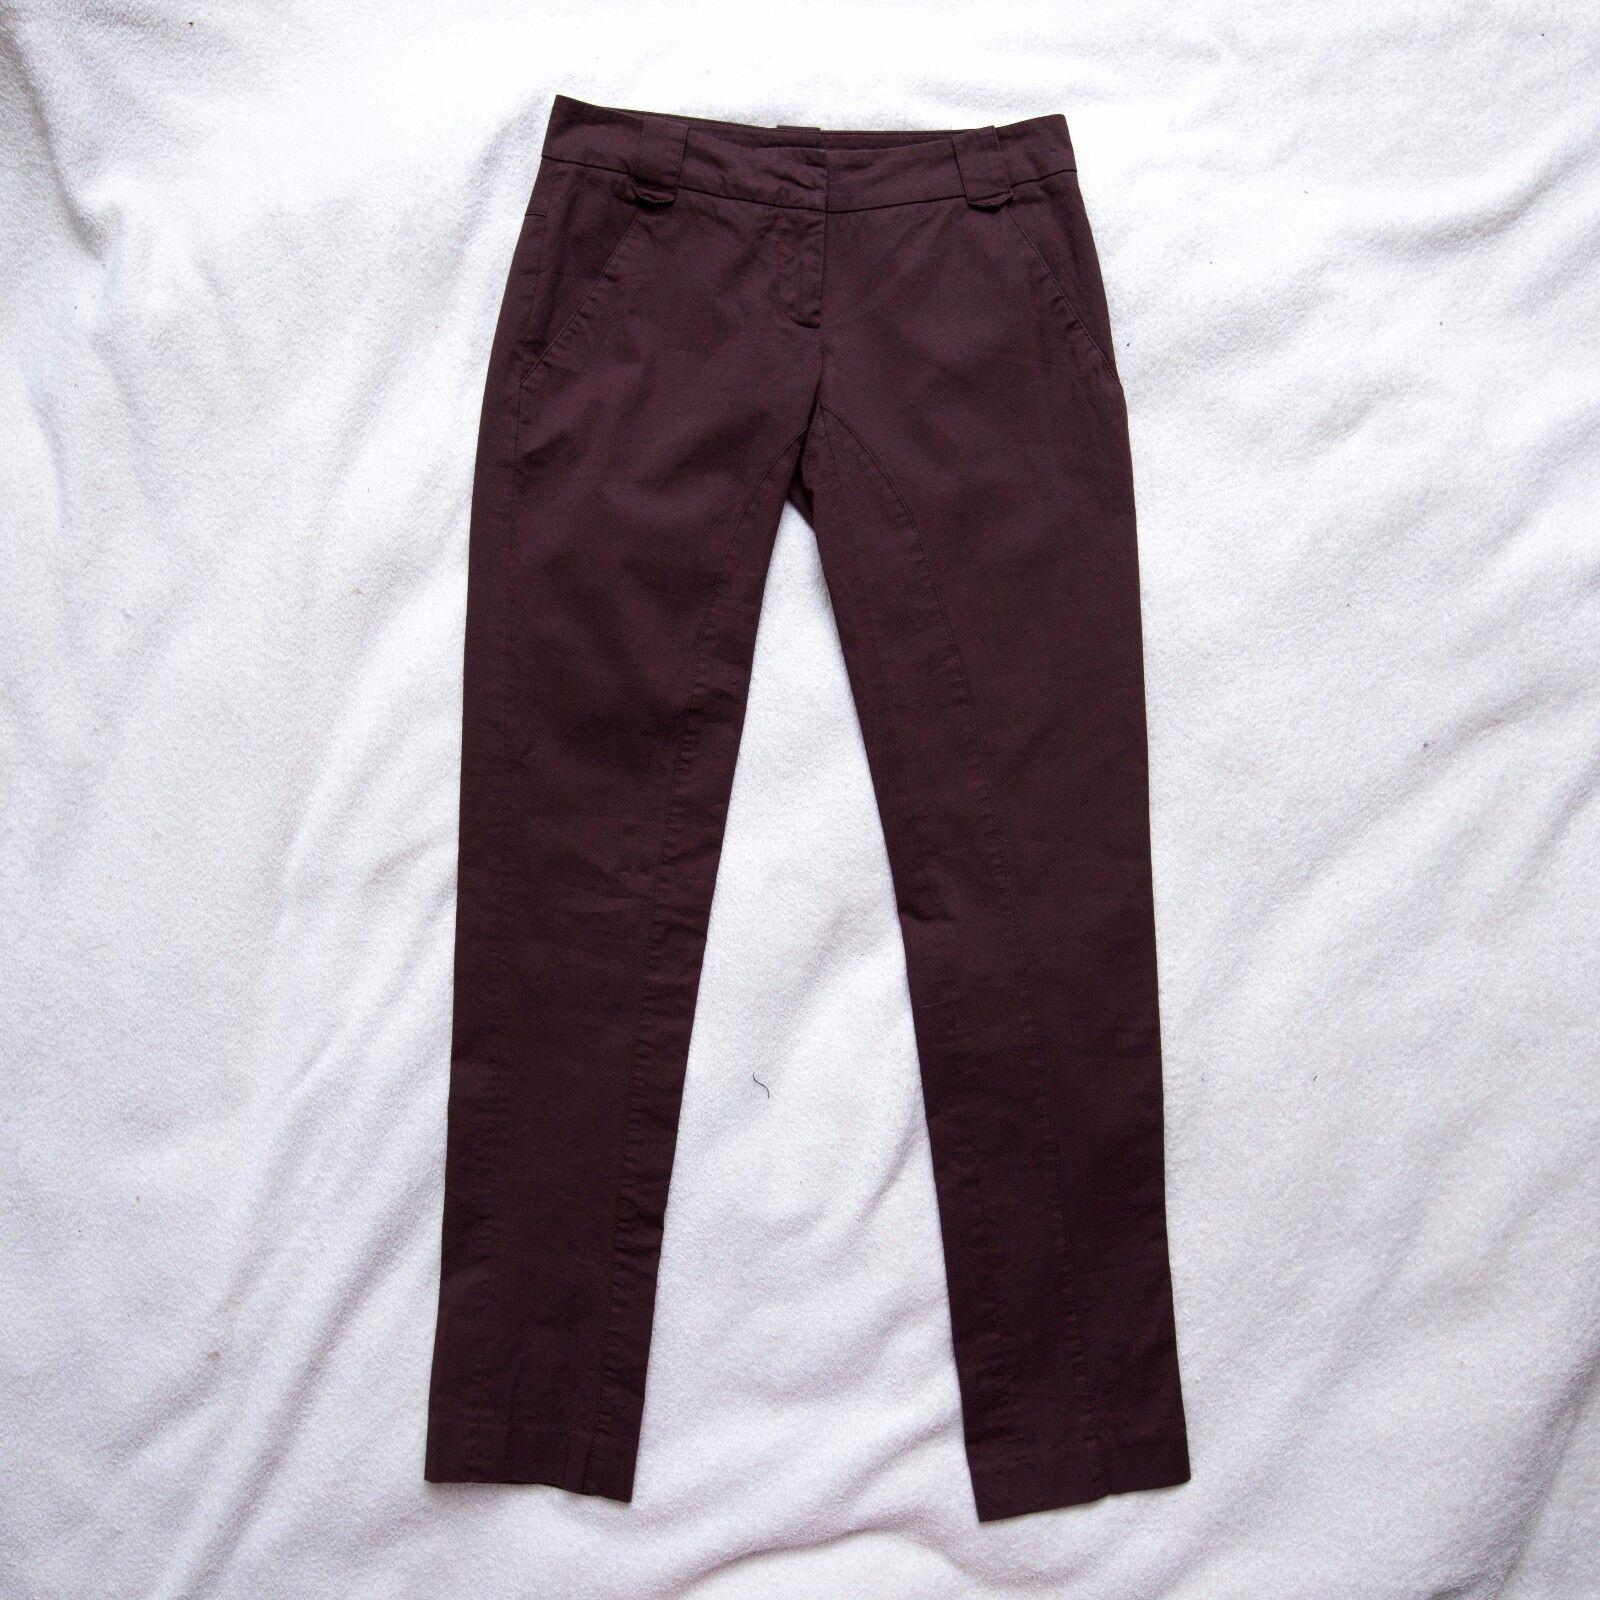 Patrizia Pepe Firenze Brown Skinny Cotton Pants IT38  200 0x30